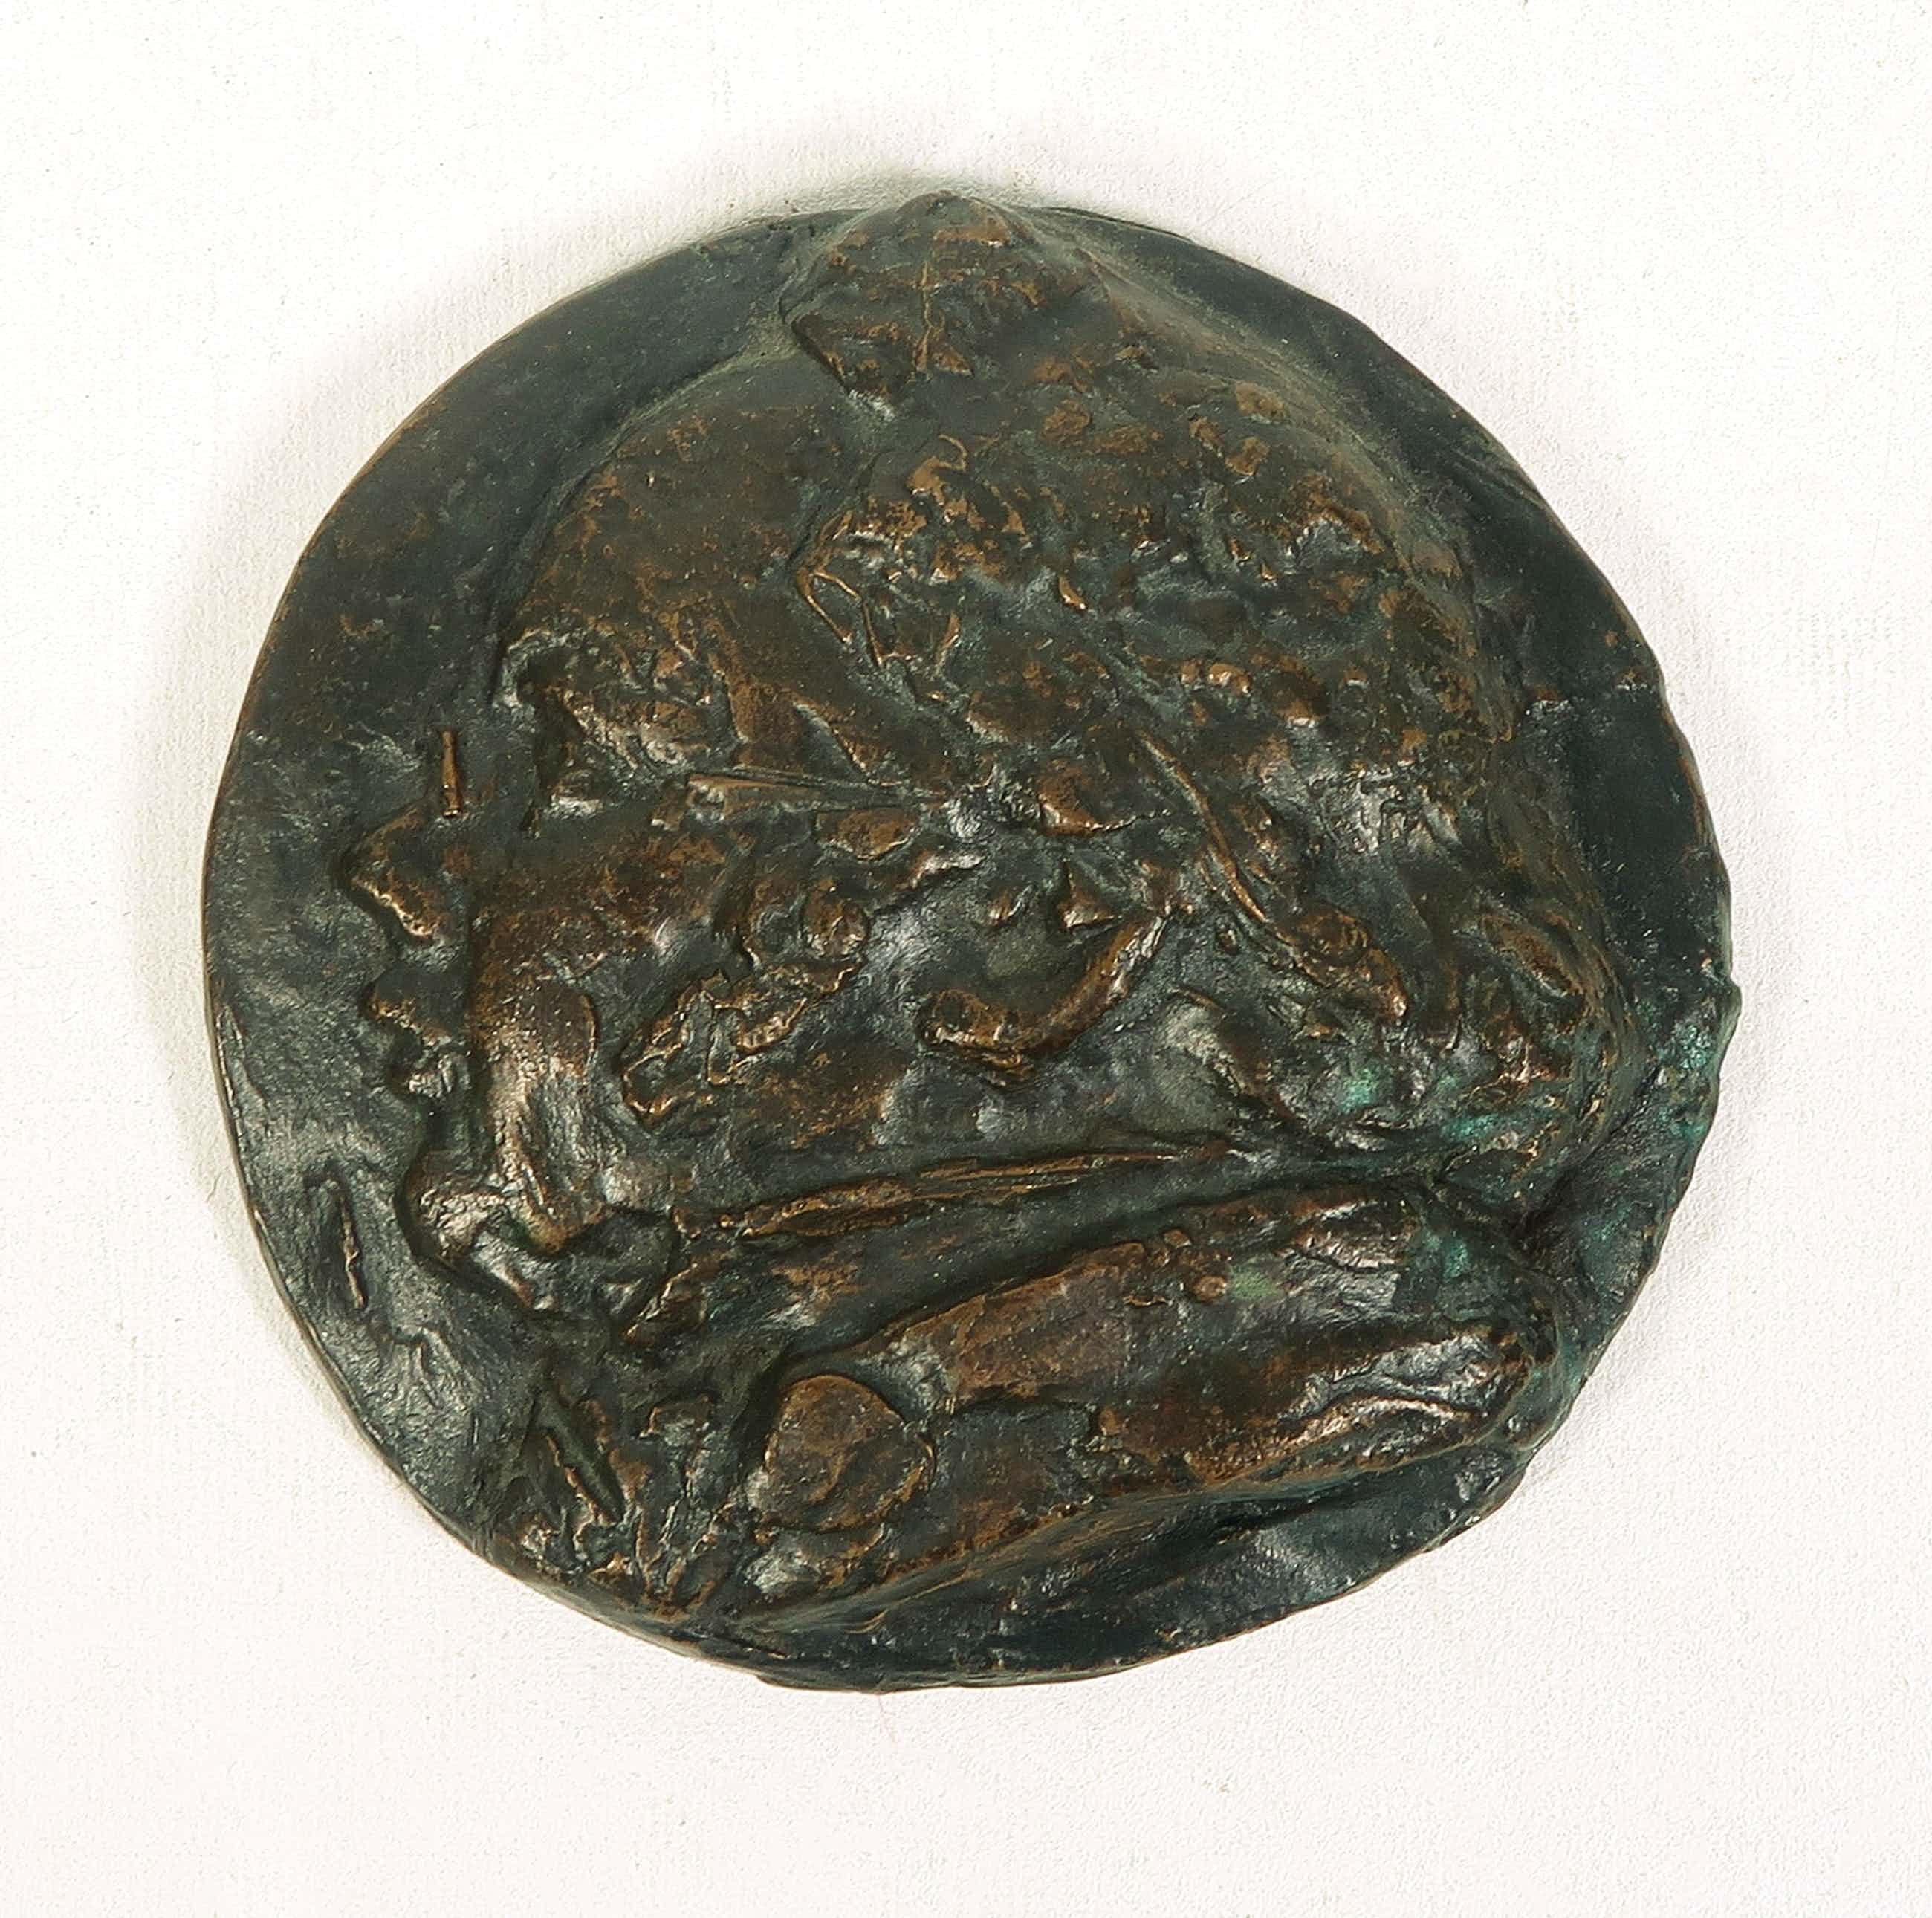 Mari Andriessen - Bronzen plaquette, Schubert (Groot) kopen? Bied vanaf 100!